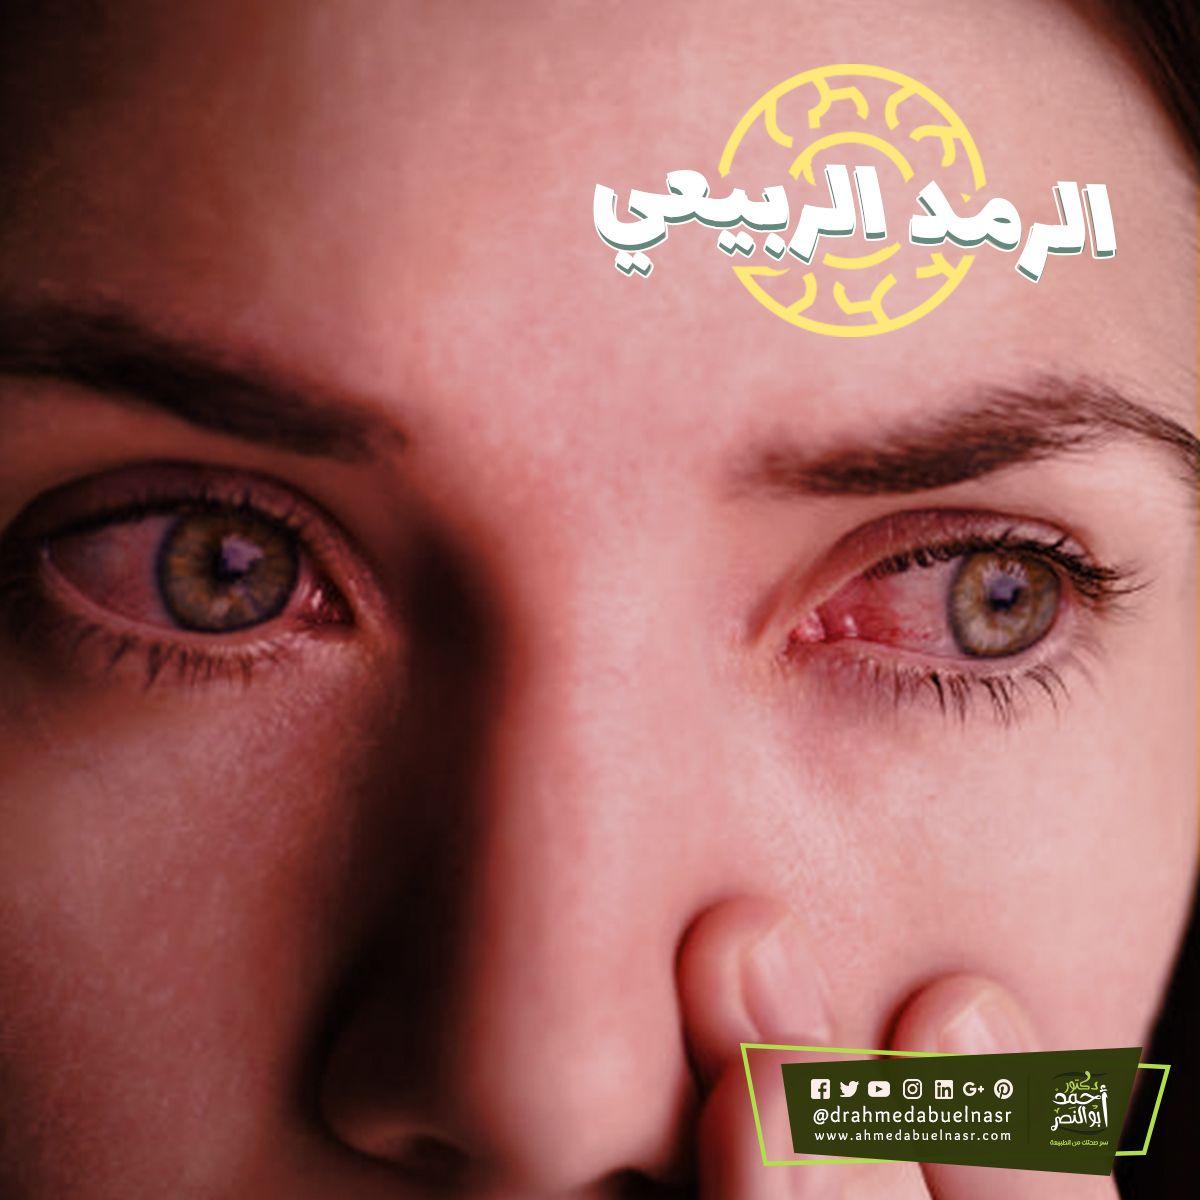 الرمد الربيعي هو مرض حساسية وإلتهاب ملتحمة العين وسمي بالرمد الربيعي نسبة إلى فصل الربيع ويحدث عندما تلامس حبوب اللقاح أو الأتربة ومسب Nose Ring Nose Rings